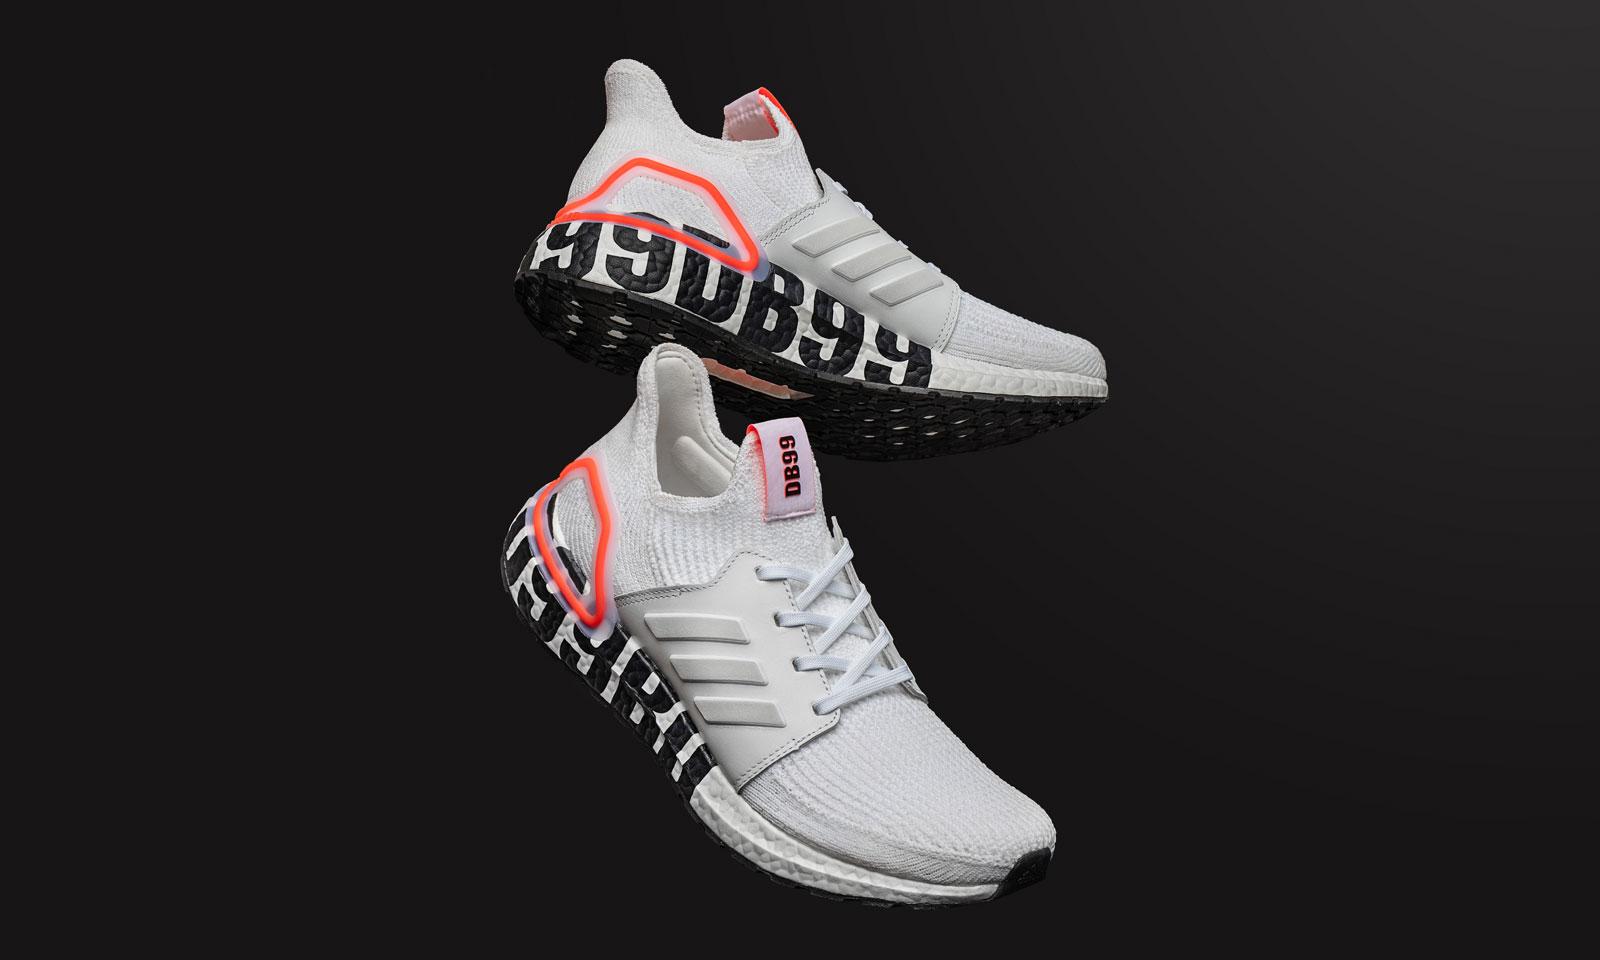 致敬传奇,adidas 携手贝克汉姆发布 UltraBOOST 19 DB99 跑鞋